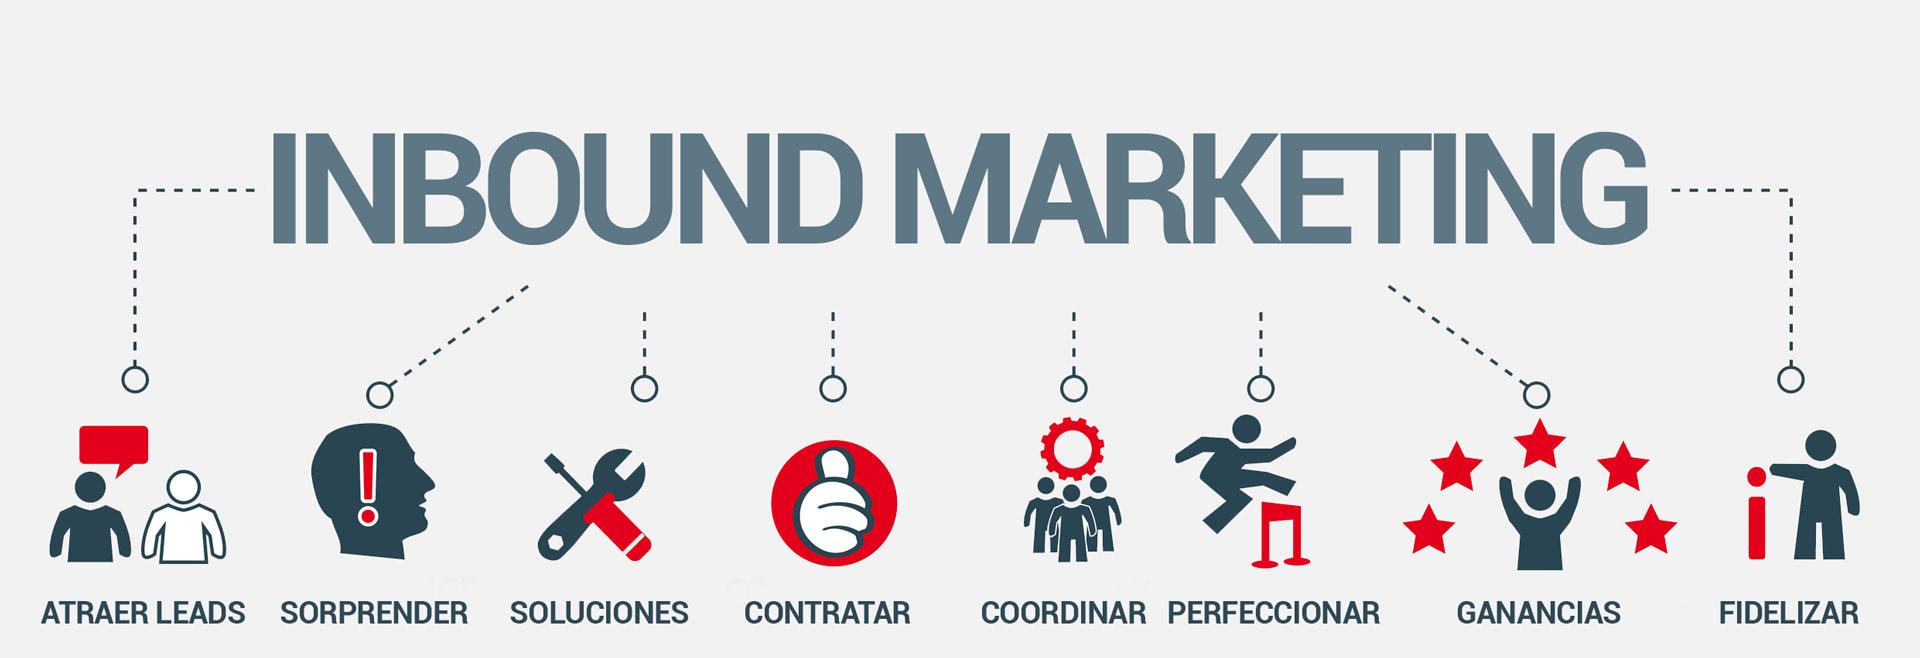 inbound-marketing-profesional